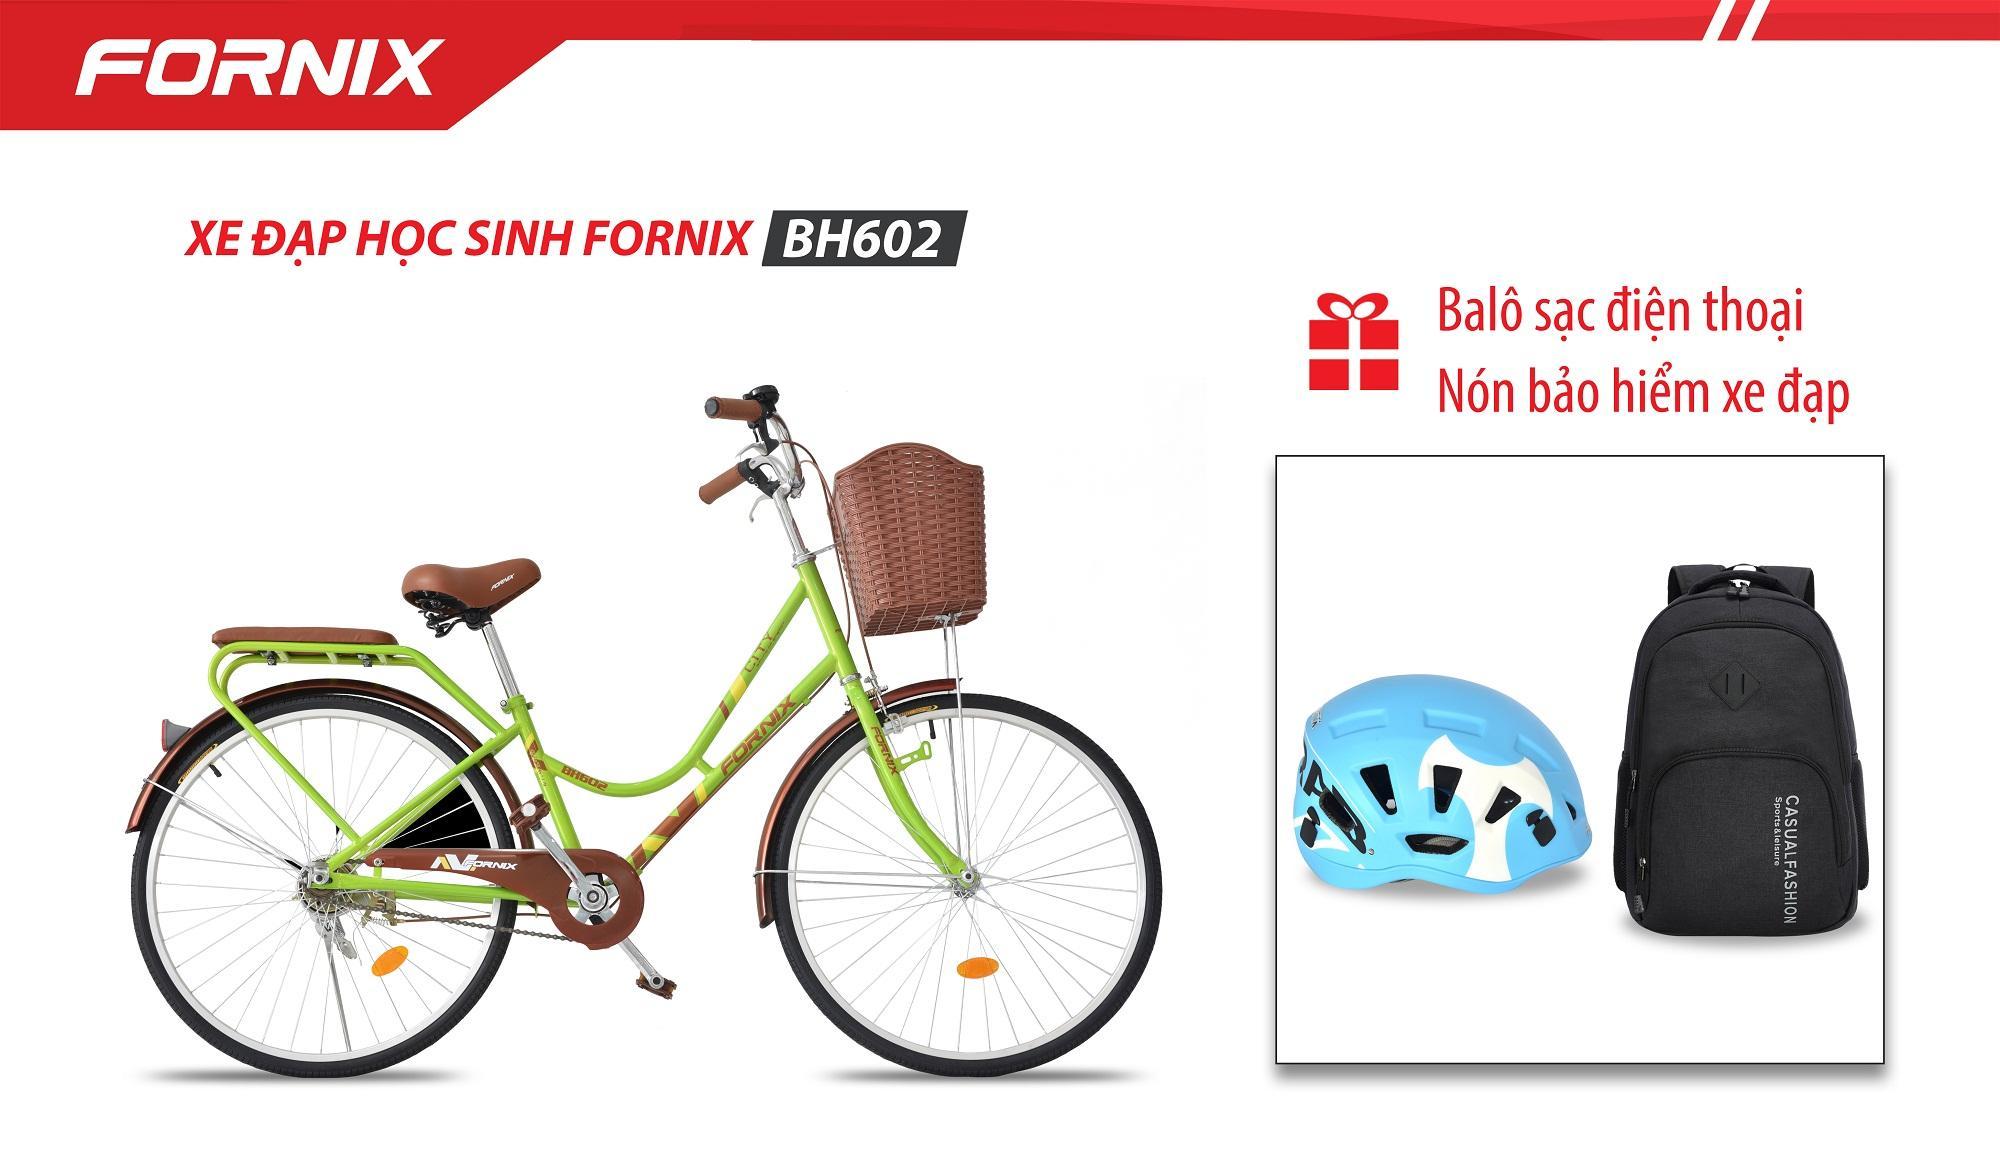 Xe đạp phổ thông Fornix BH602 + (Gift) Nón BH A02A5L, Ba lô sạc điện thoại